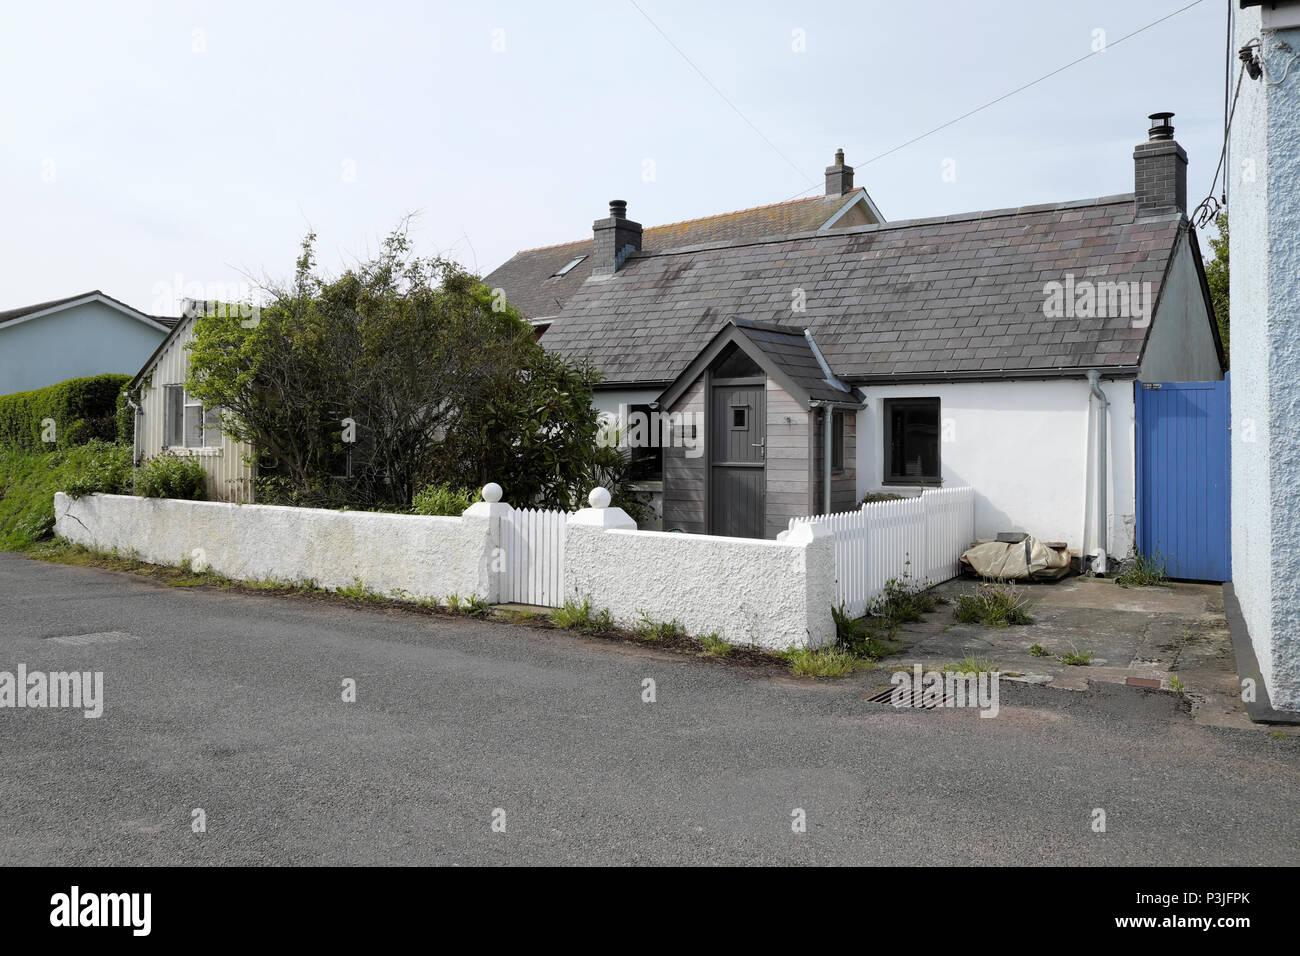 Eine Kleine Modernisierte Haus Mit Einem Weissen Stein Mauer Und Zaun